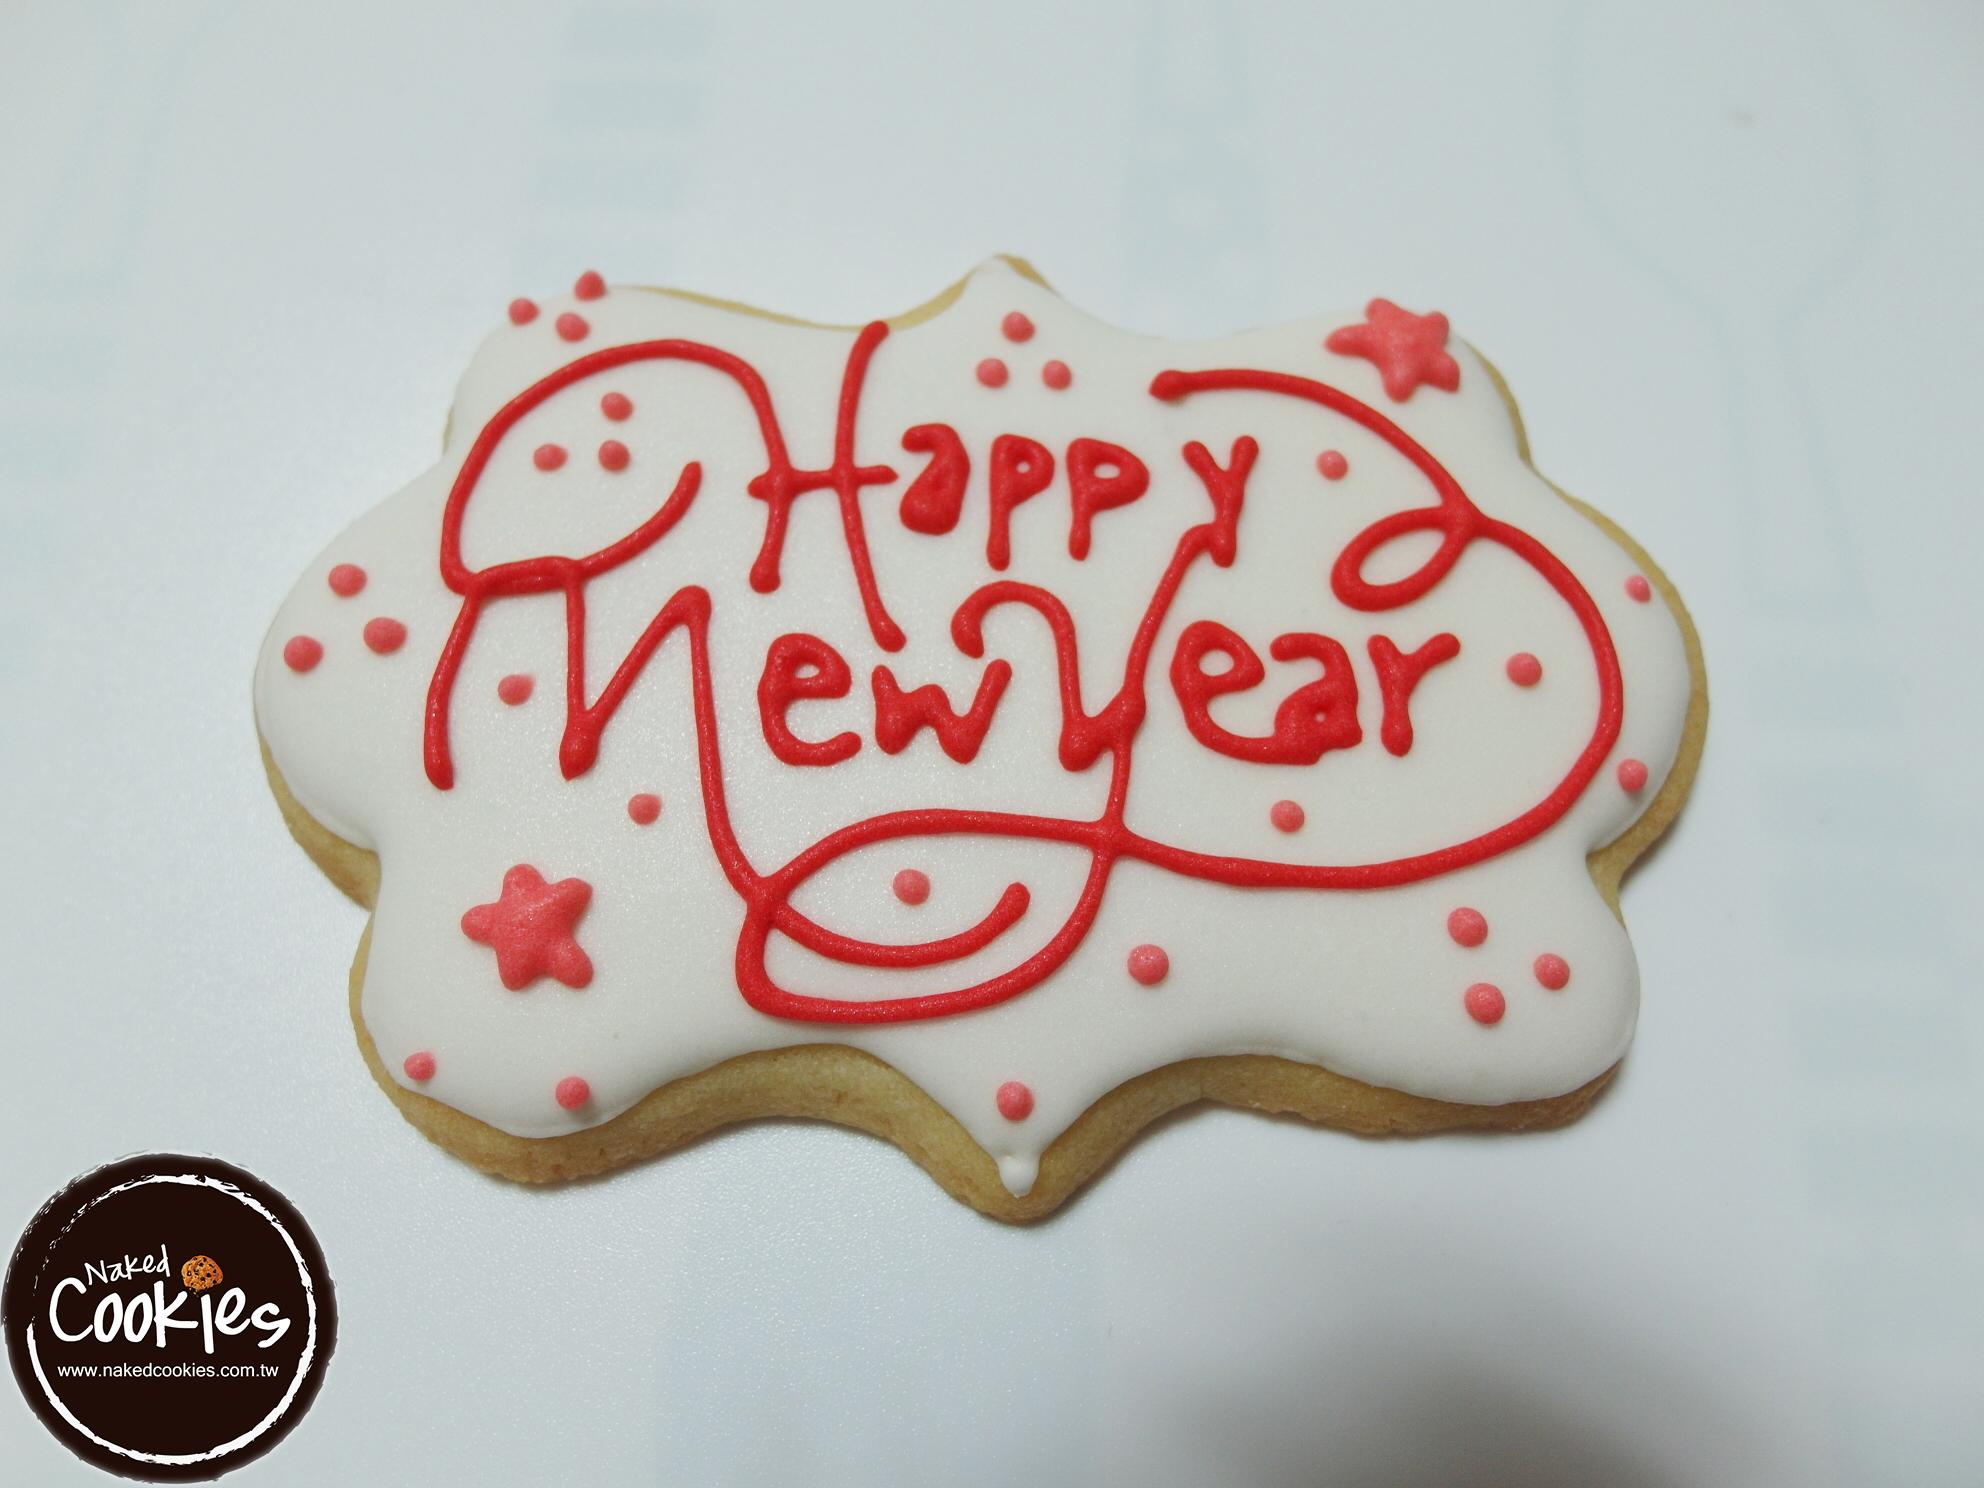 【裸餅乾Naked Cookies】新年快樂6入-創意手工糖霜餅乾,婚禮/生日/活動/收涎/彌月